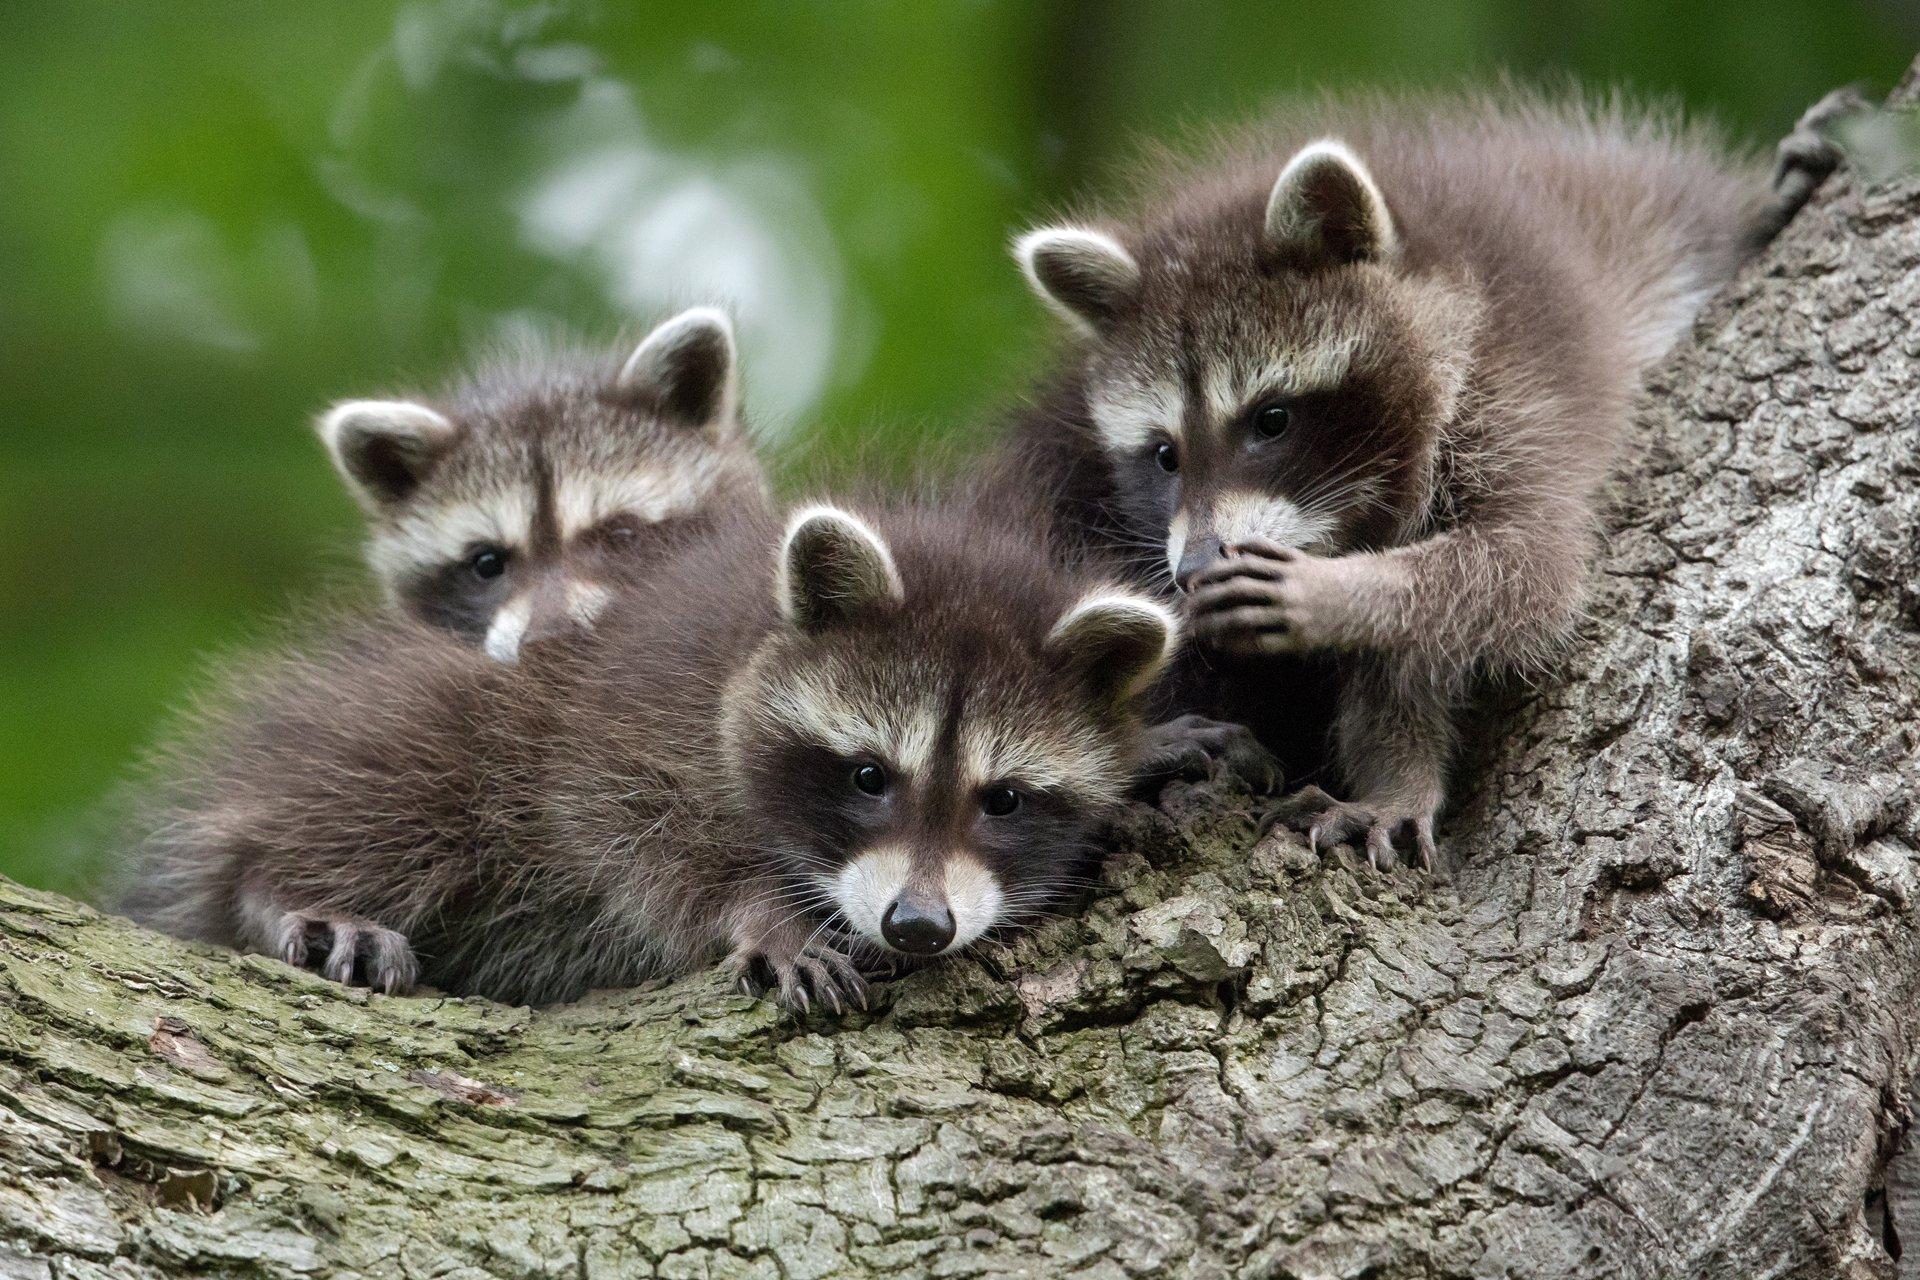 독일 카셀에서 포착된 비밀이야기 하는 너구리들. [©Jan Piecha/Comedywildlifephoto.com]